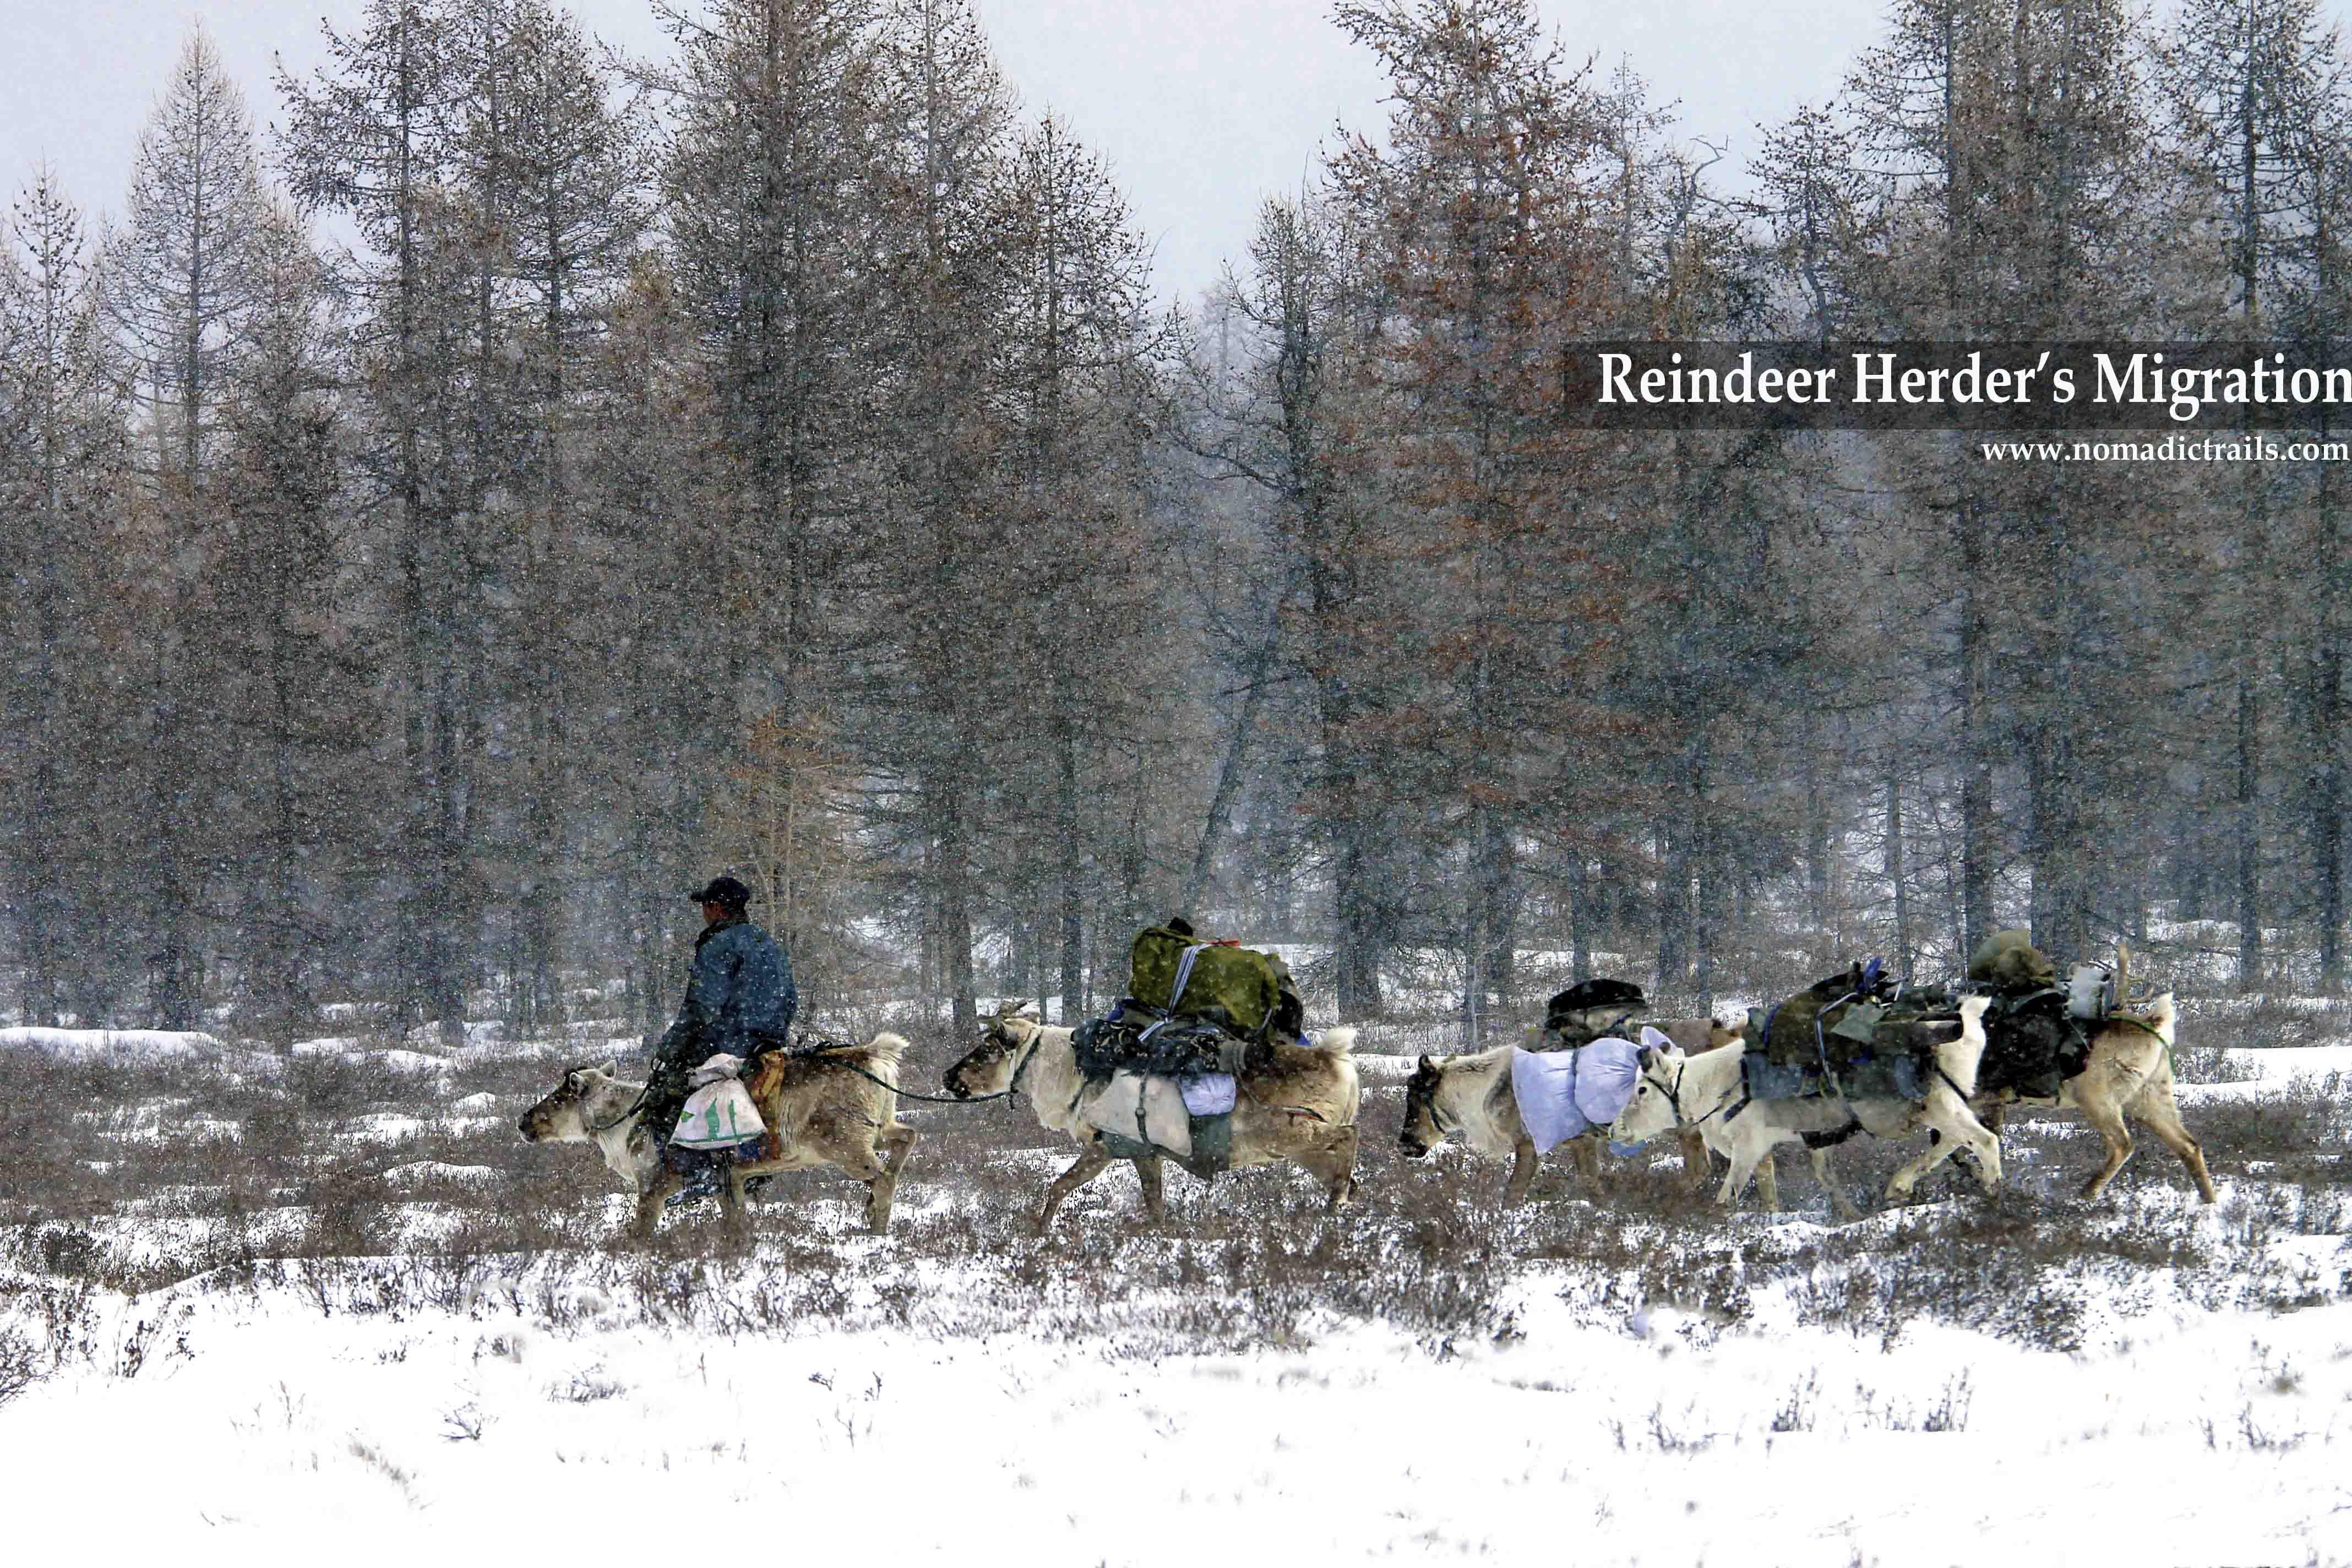 Reindeer herder's Migration